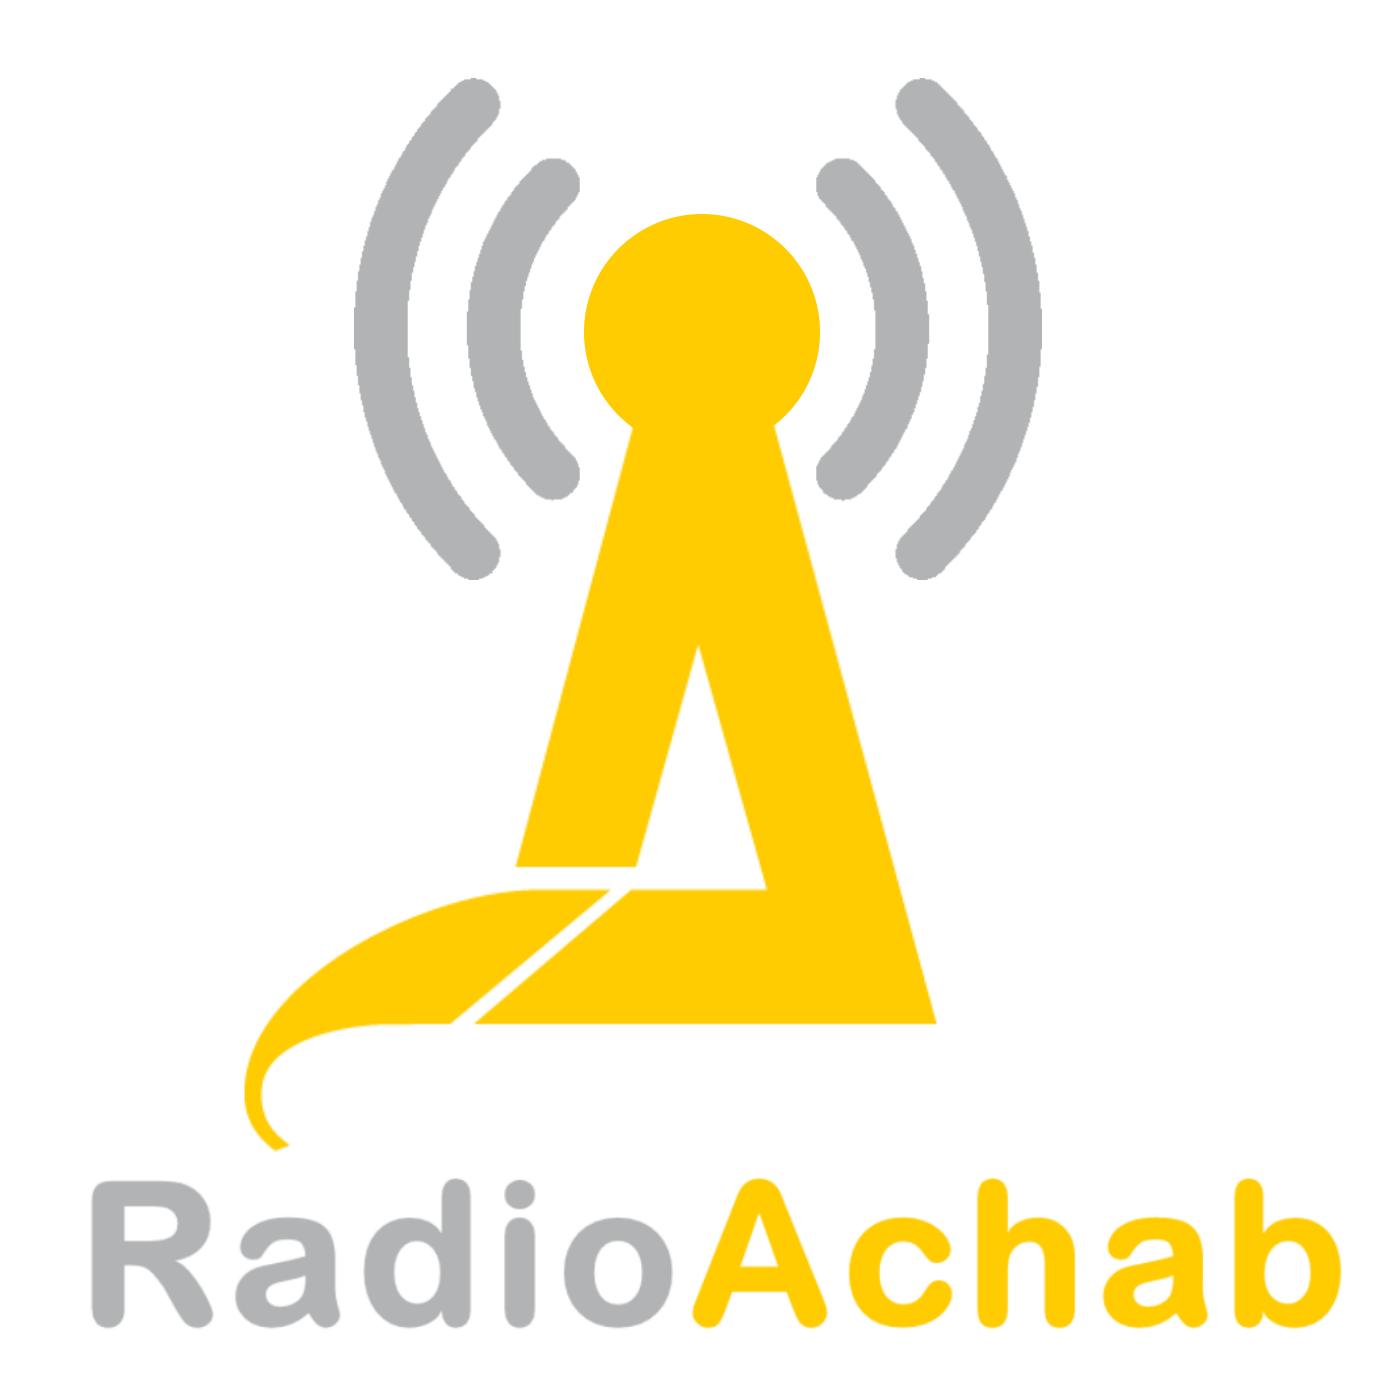 RadioAchab: l'IT per te.